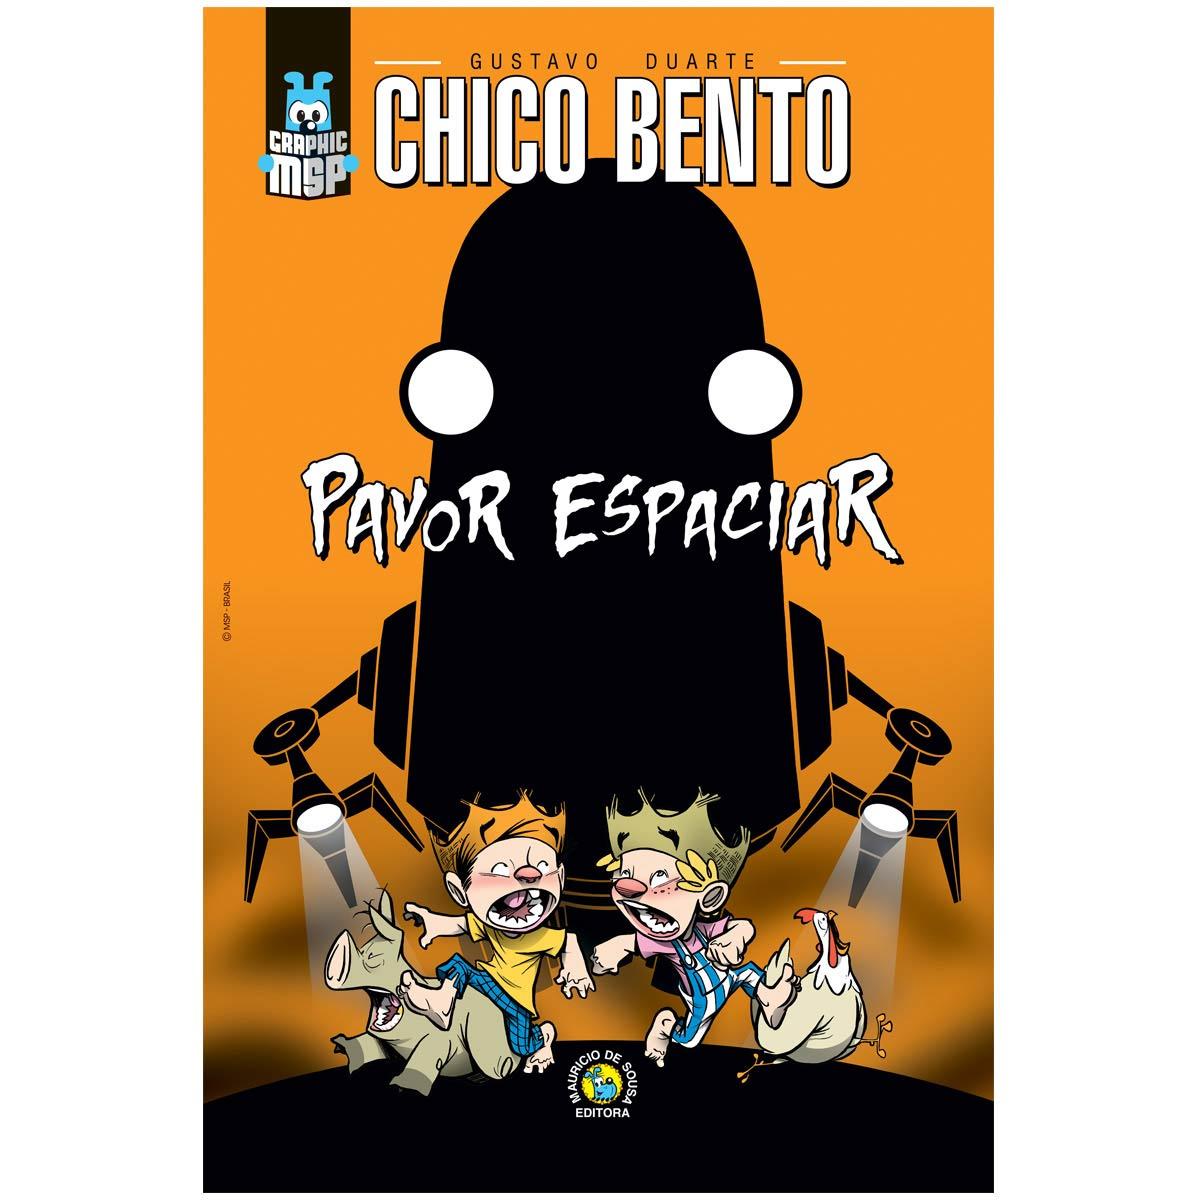 Poster Turma da Mônica Toy Chico Bento Pavor Espaciar